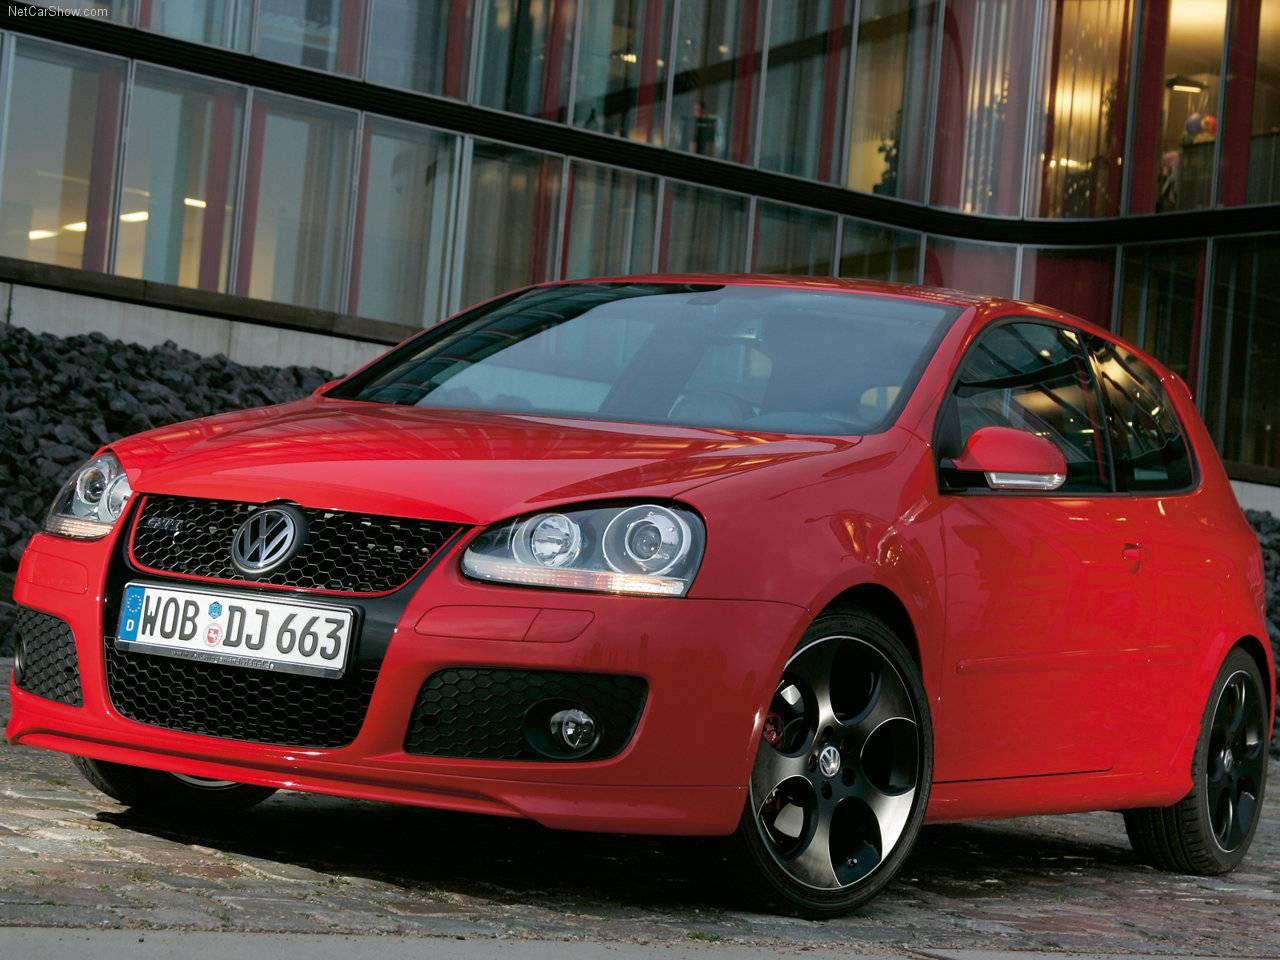 http://2.bp.blogspot.com/_lsyt_wQ2awY/TF1OiEZ-zWI/AAAAAAACB9U/IqBwWgqB6PI/s1600/Volkswagen-Golf_GTI_Edition_30_2006_1280x960_wallpaper_03.jpg